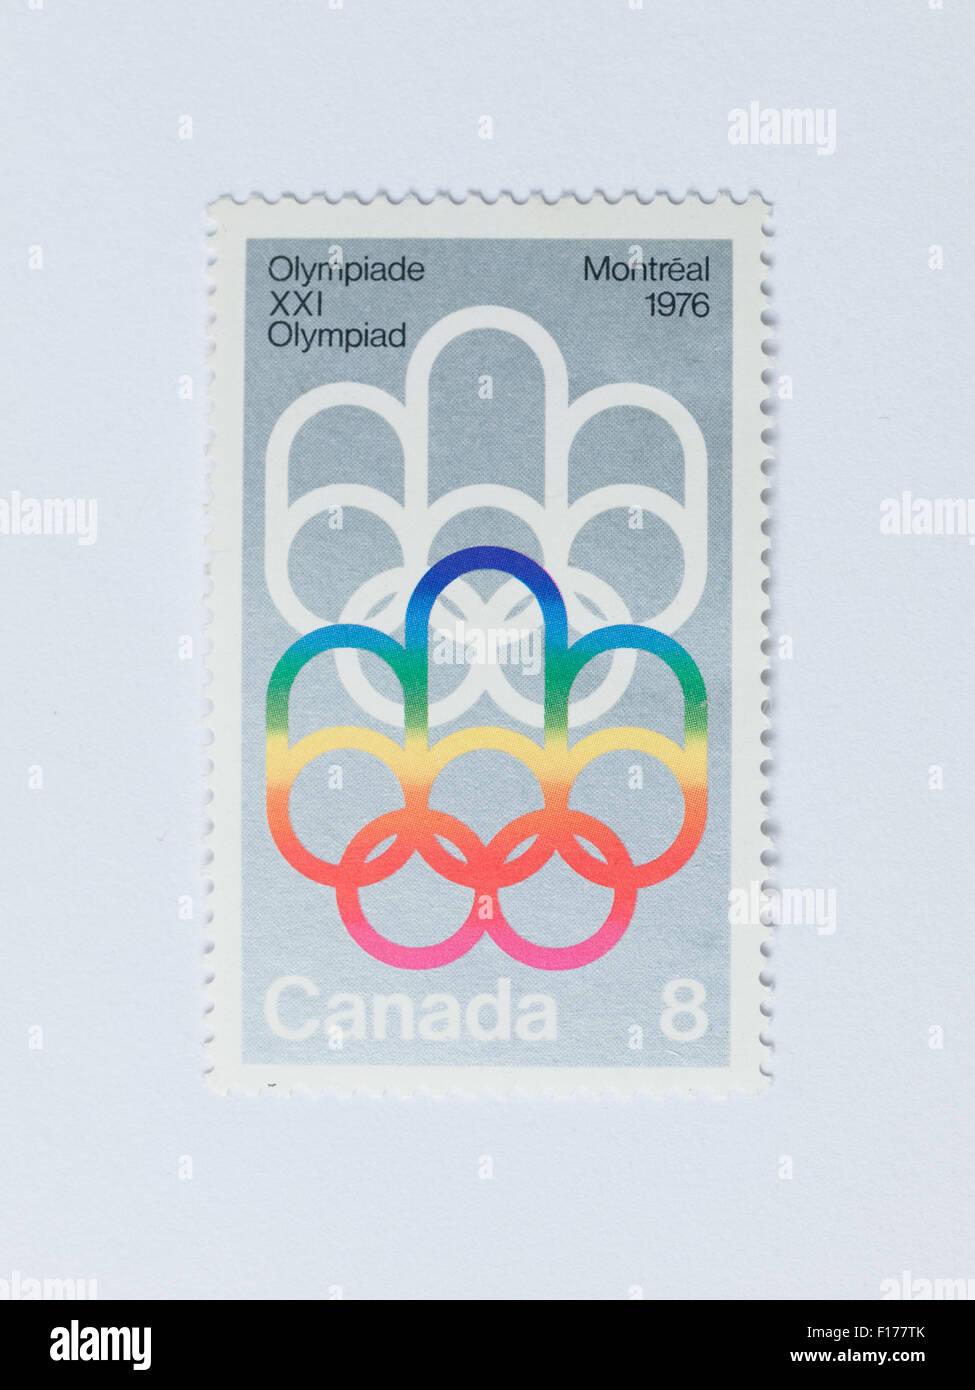 Un Canadien 8-100 Timbre-poste commémorant les Jeux Olympiques d'été de 1976 à Montréal, Canada. Banque D'Images